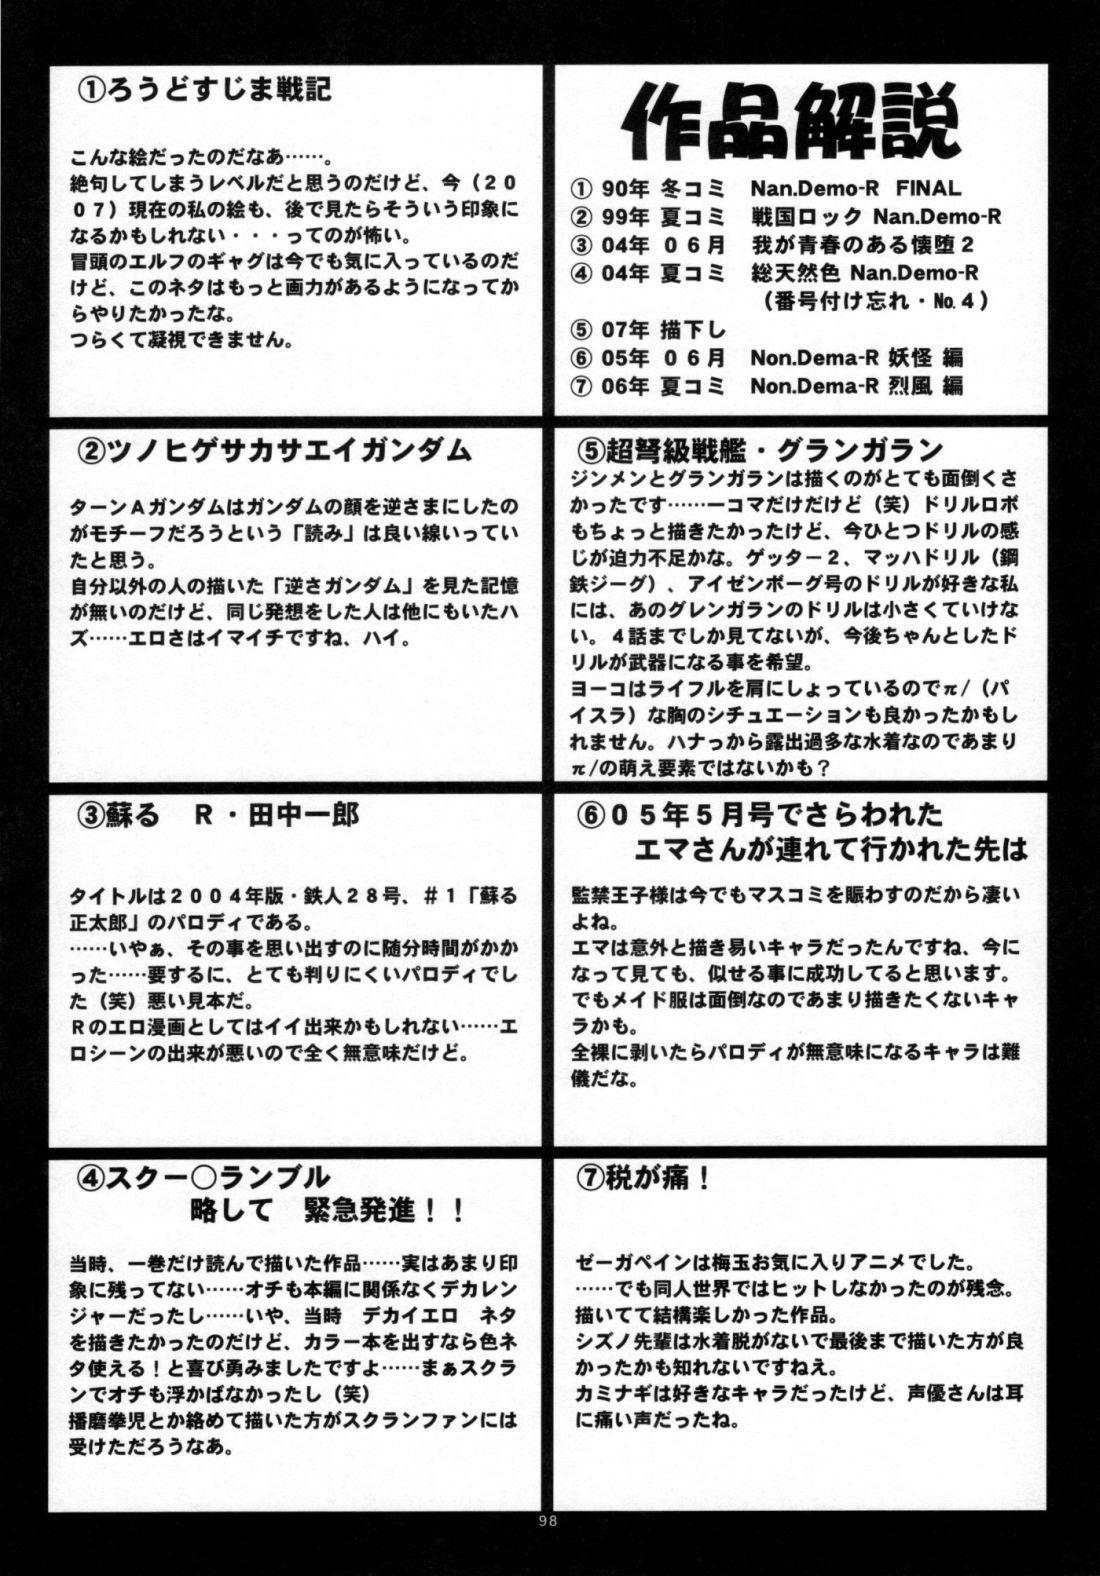 Umedamangashuu 12 Shito 101